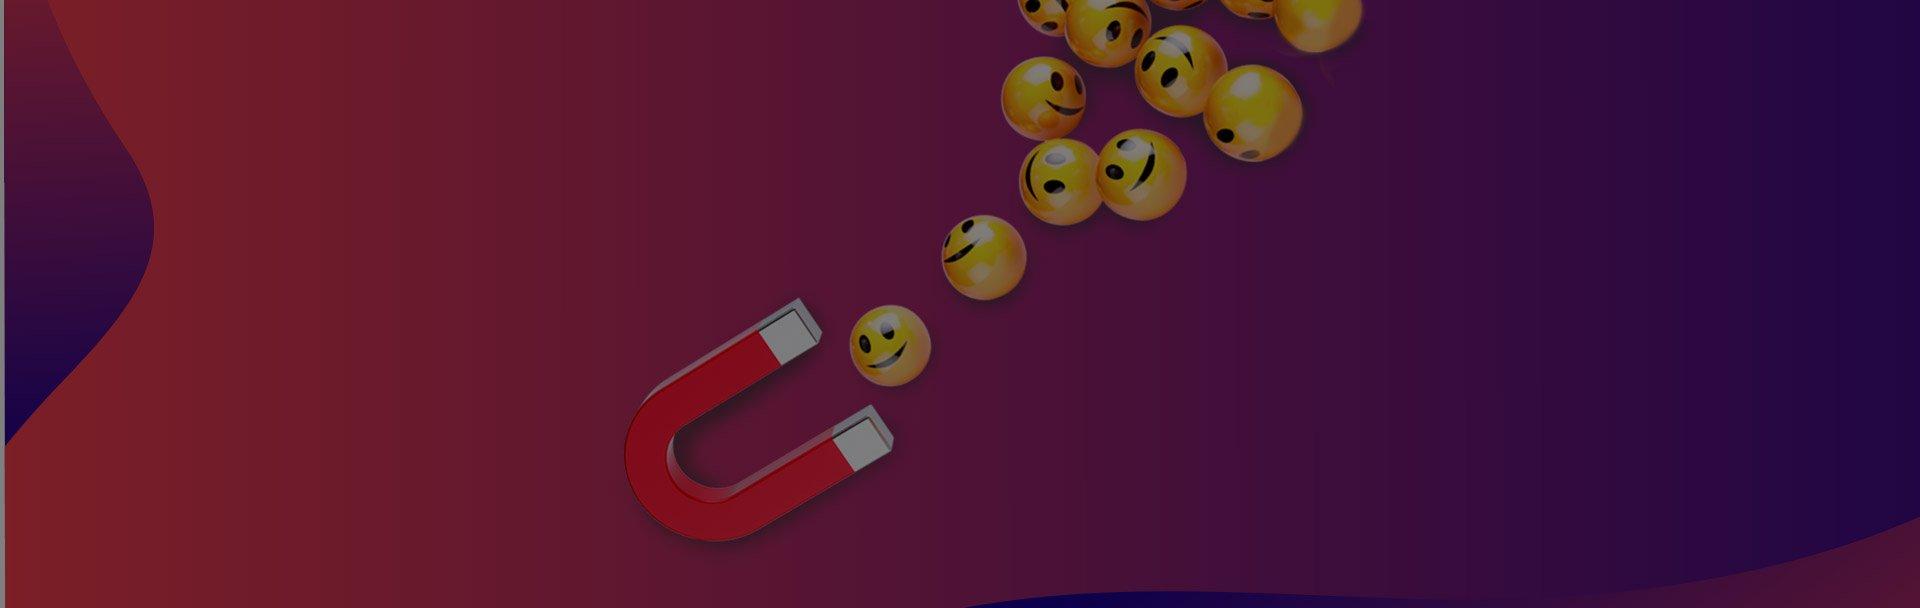 Solucionweb-leads-de-calidad-como-atraer-nuevos-clientes-en-la-industria-educativa-dos-seis